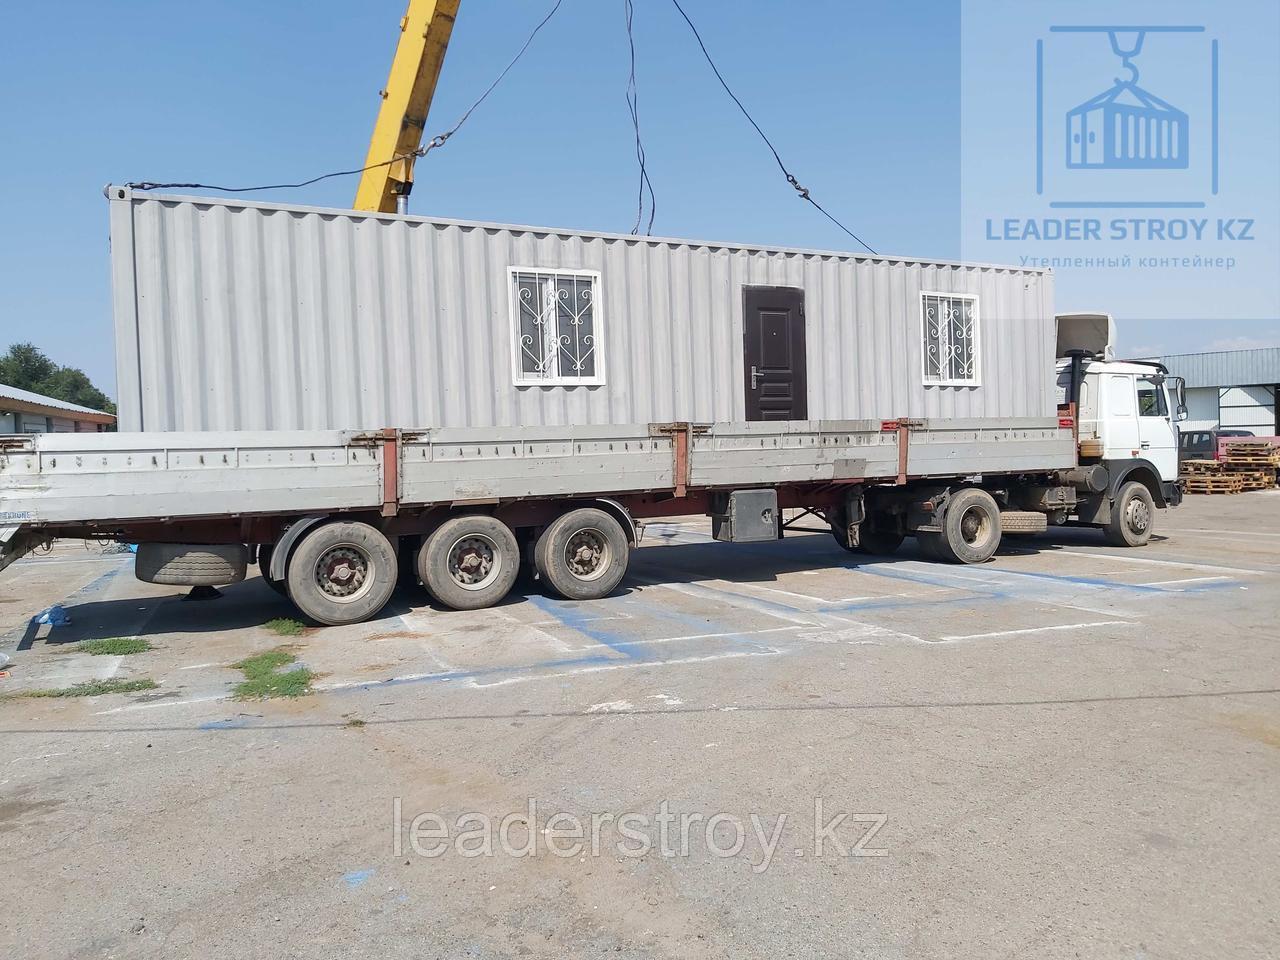 Жилой контейнер под торговое помещение с кассой из 40 футового контейнера